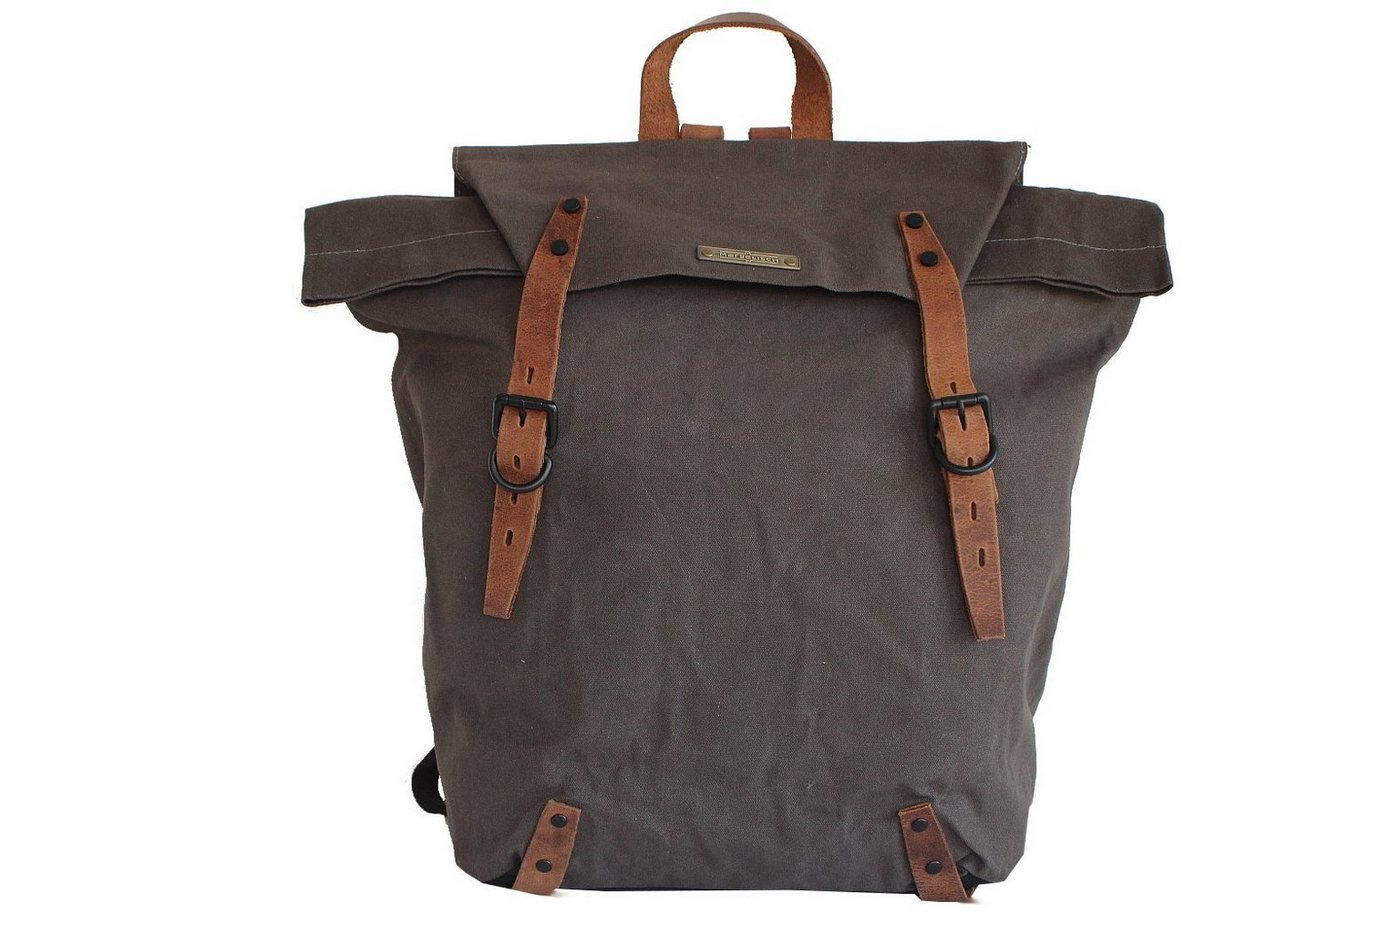 Margelisch Cityrucksack »Gorsch 1«, in auffälligem Vintage-Look | Taschen > Rucksäcke | Grün | Baumwolle - Metall | Margelisch